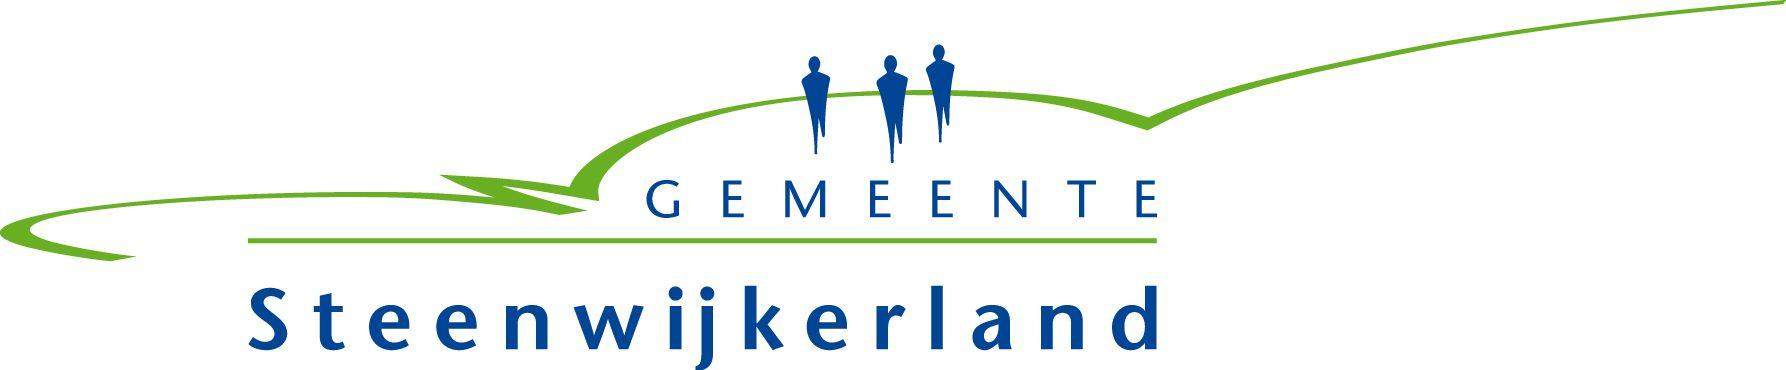 Logo van de gemeente Steenwijkerland